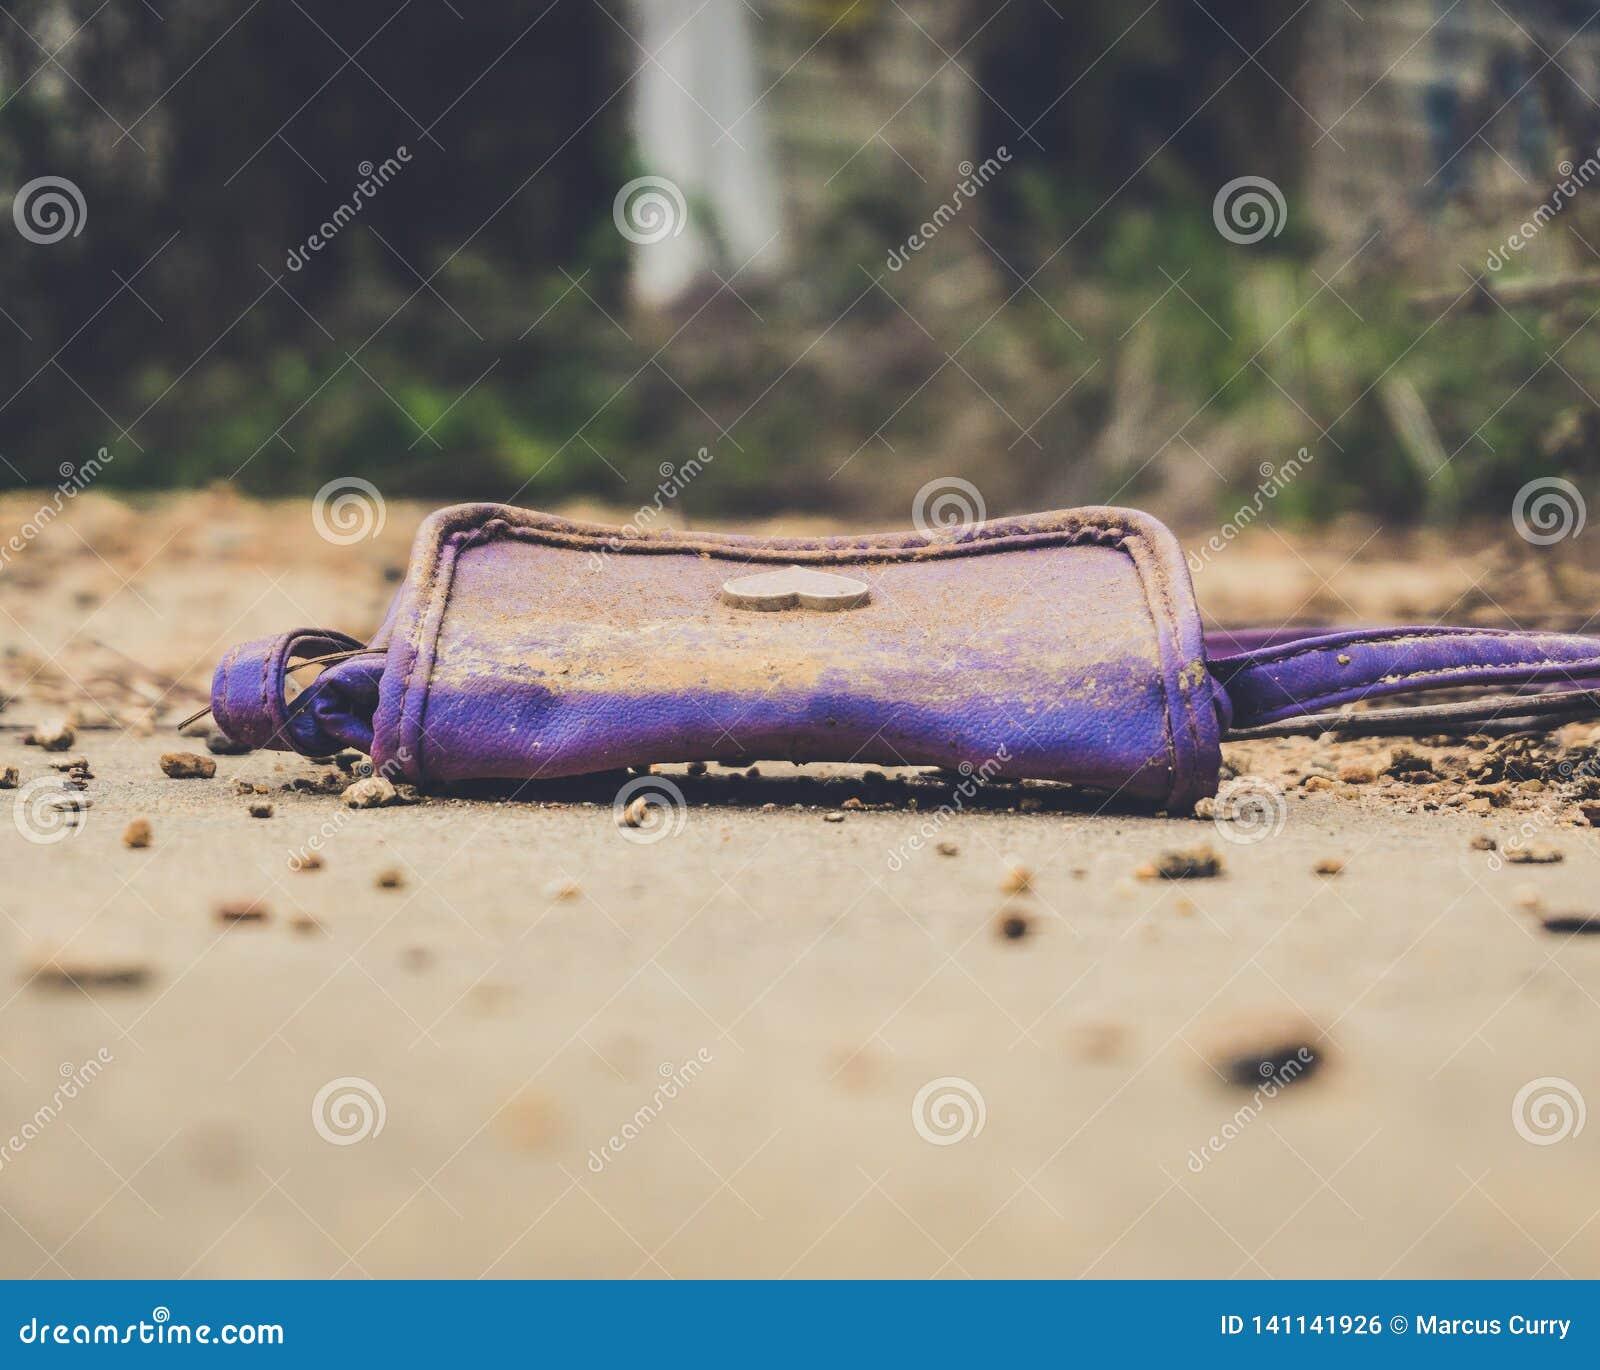 Old Purple Purse